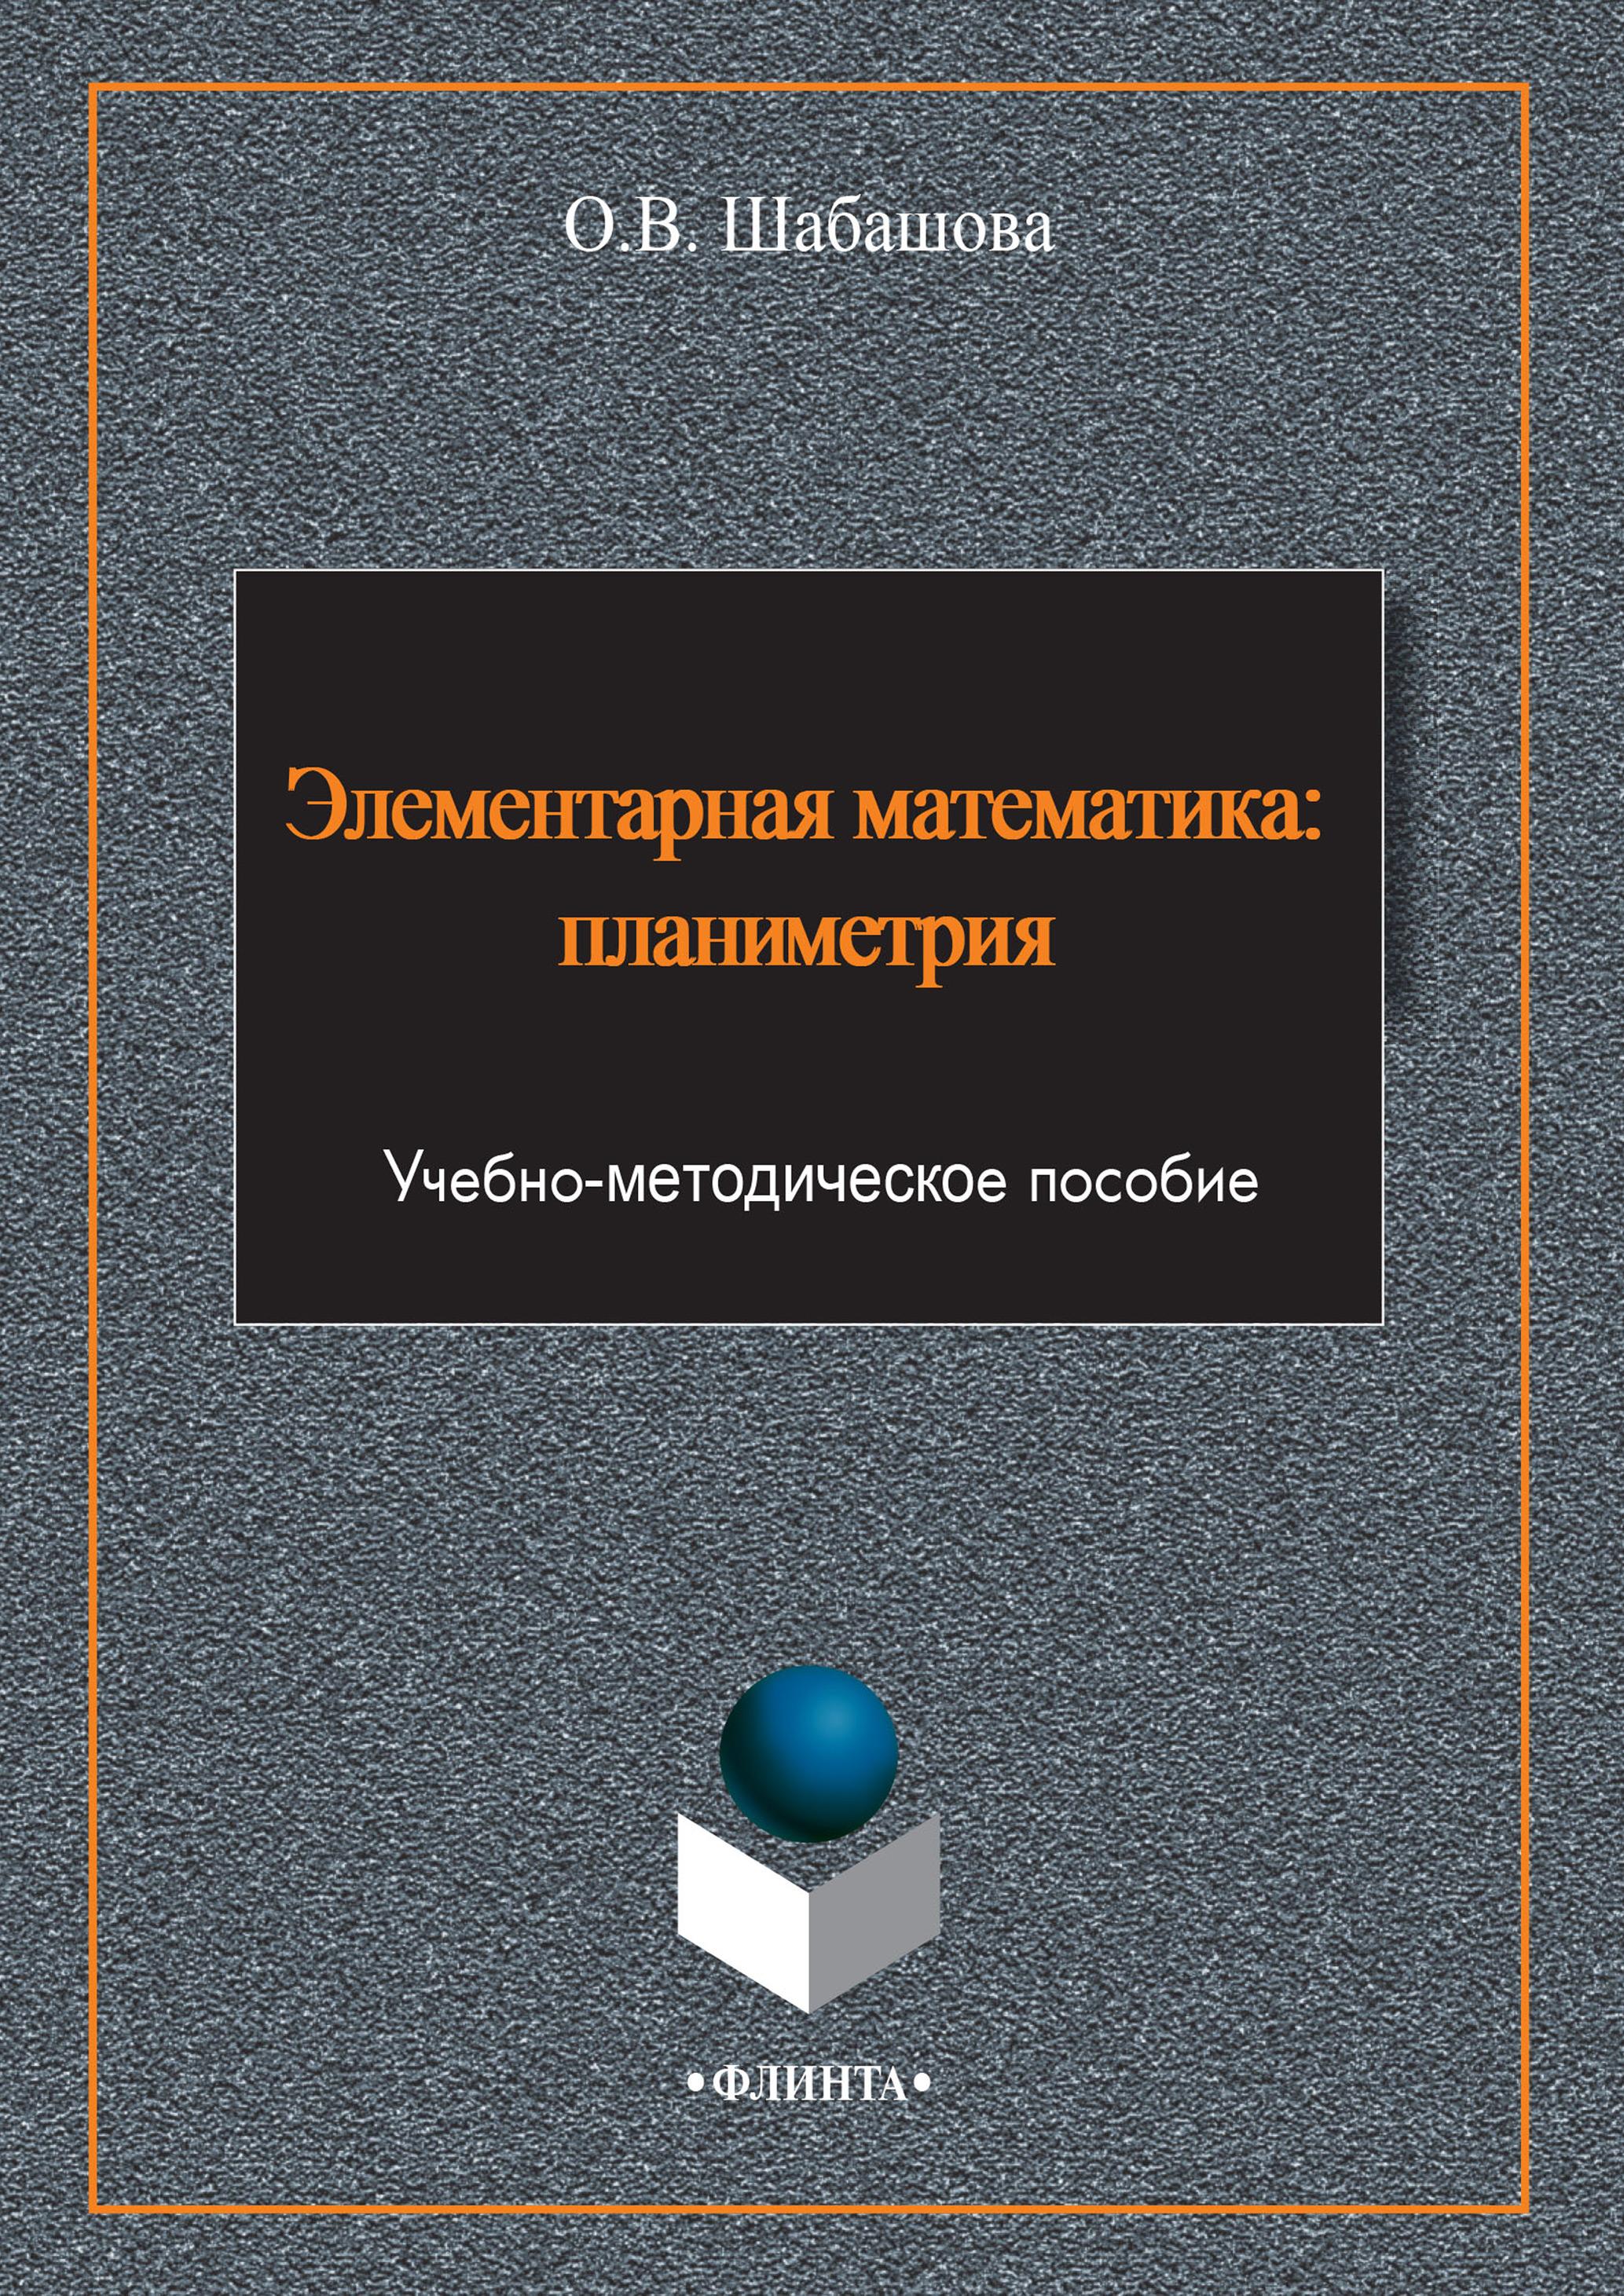 Купить книгу Элементарная математика: планиметрия, автора О. В. Шабашовой